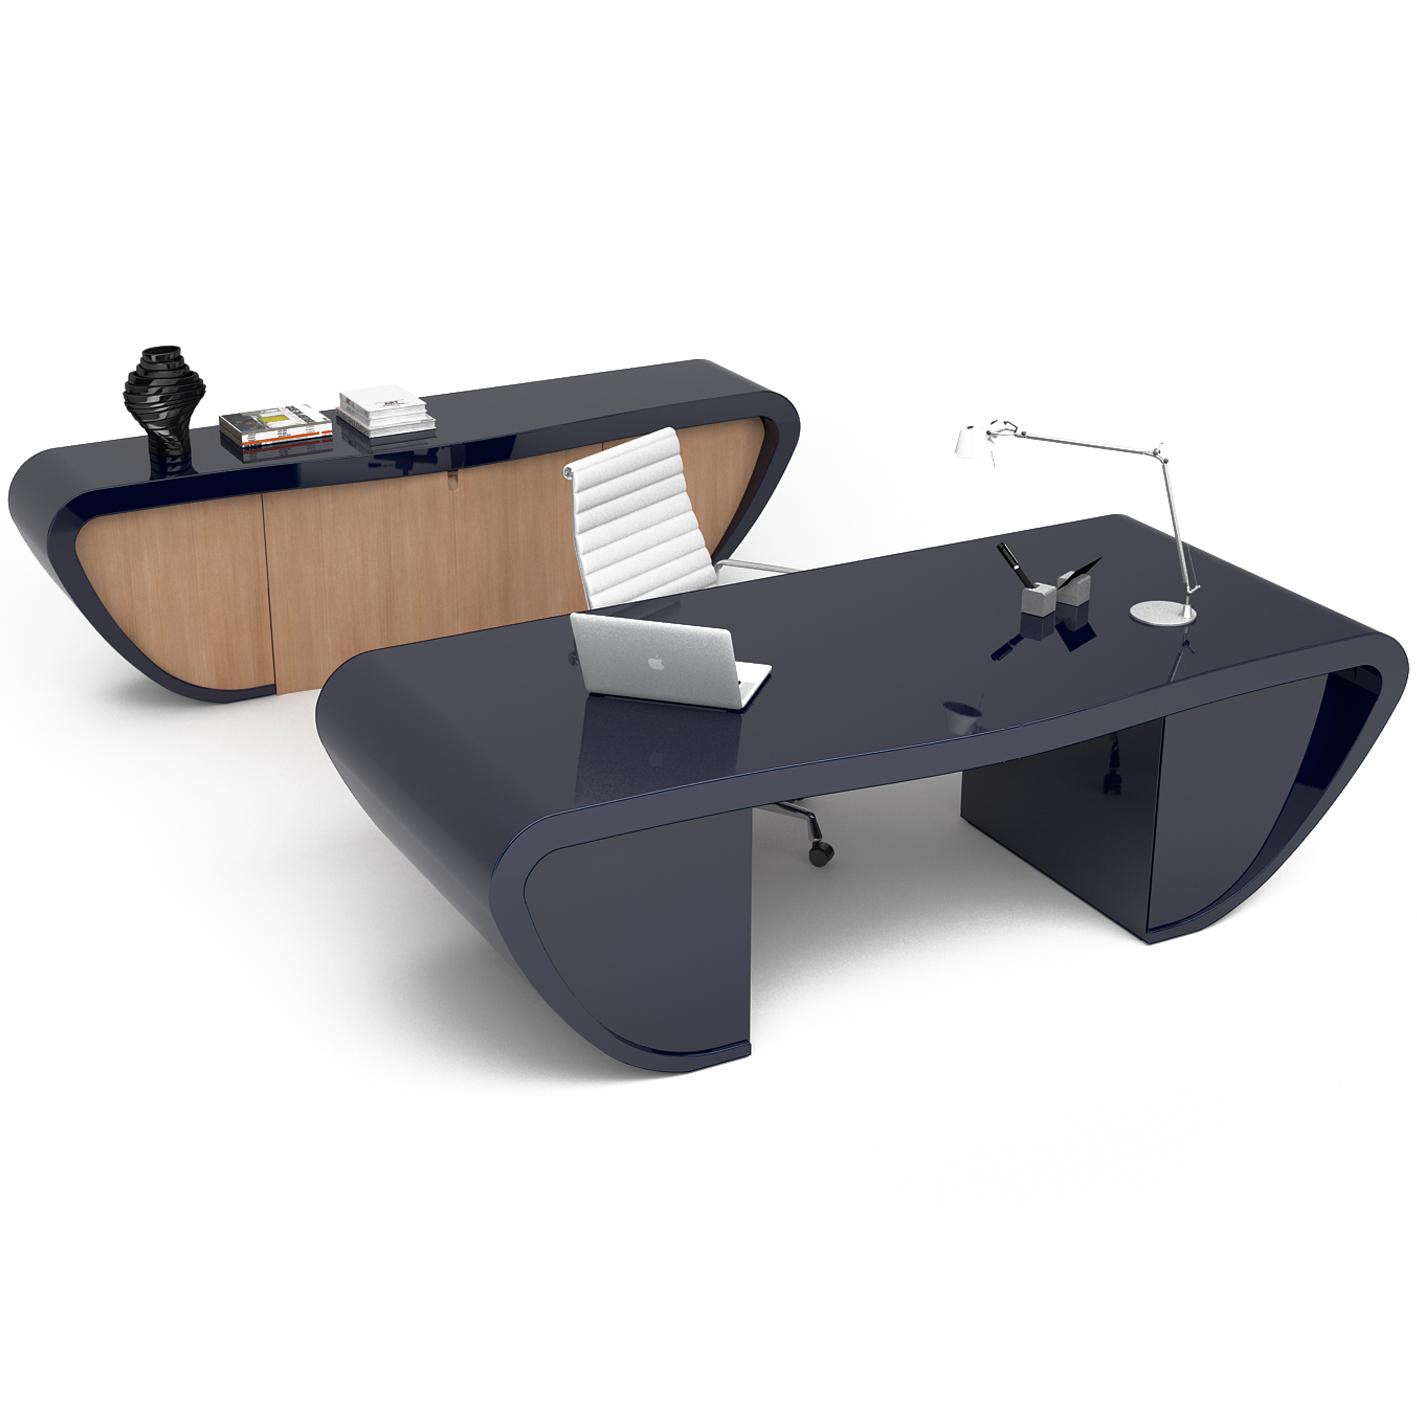 Handy tavoli e scrivanie zad zone of absolute design for Tavoli e scrivanie